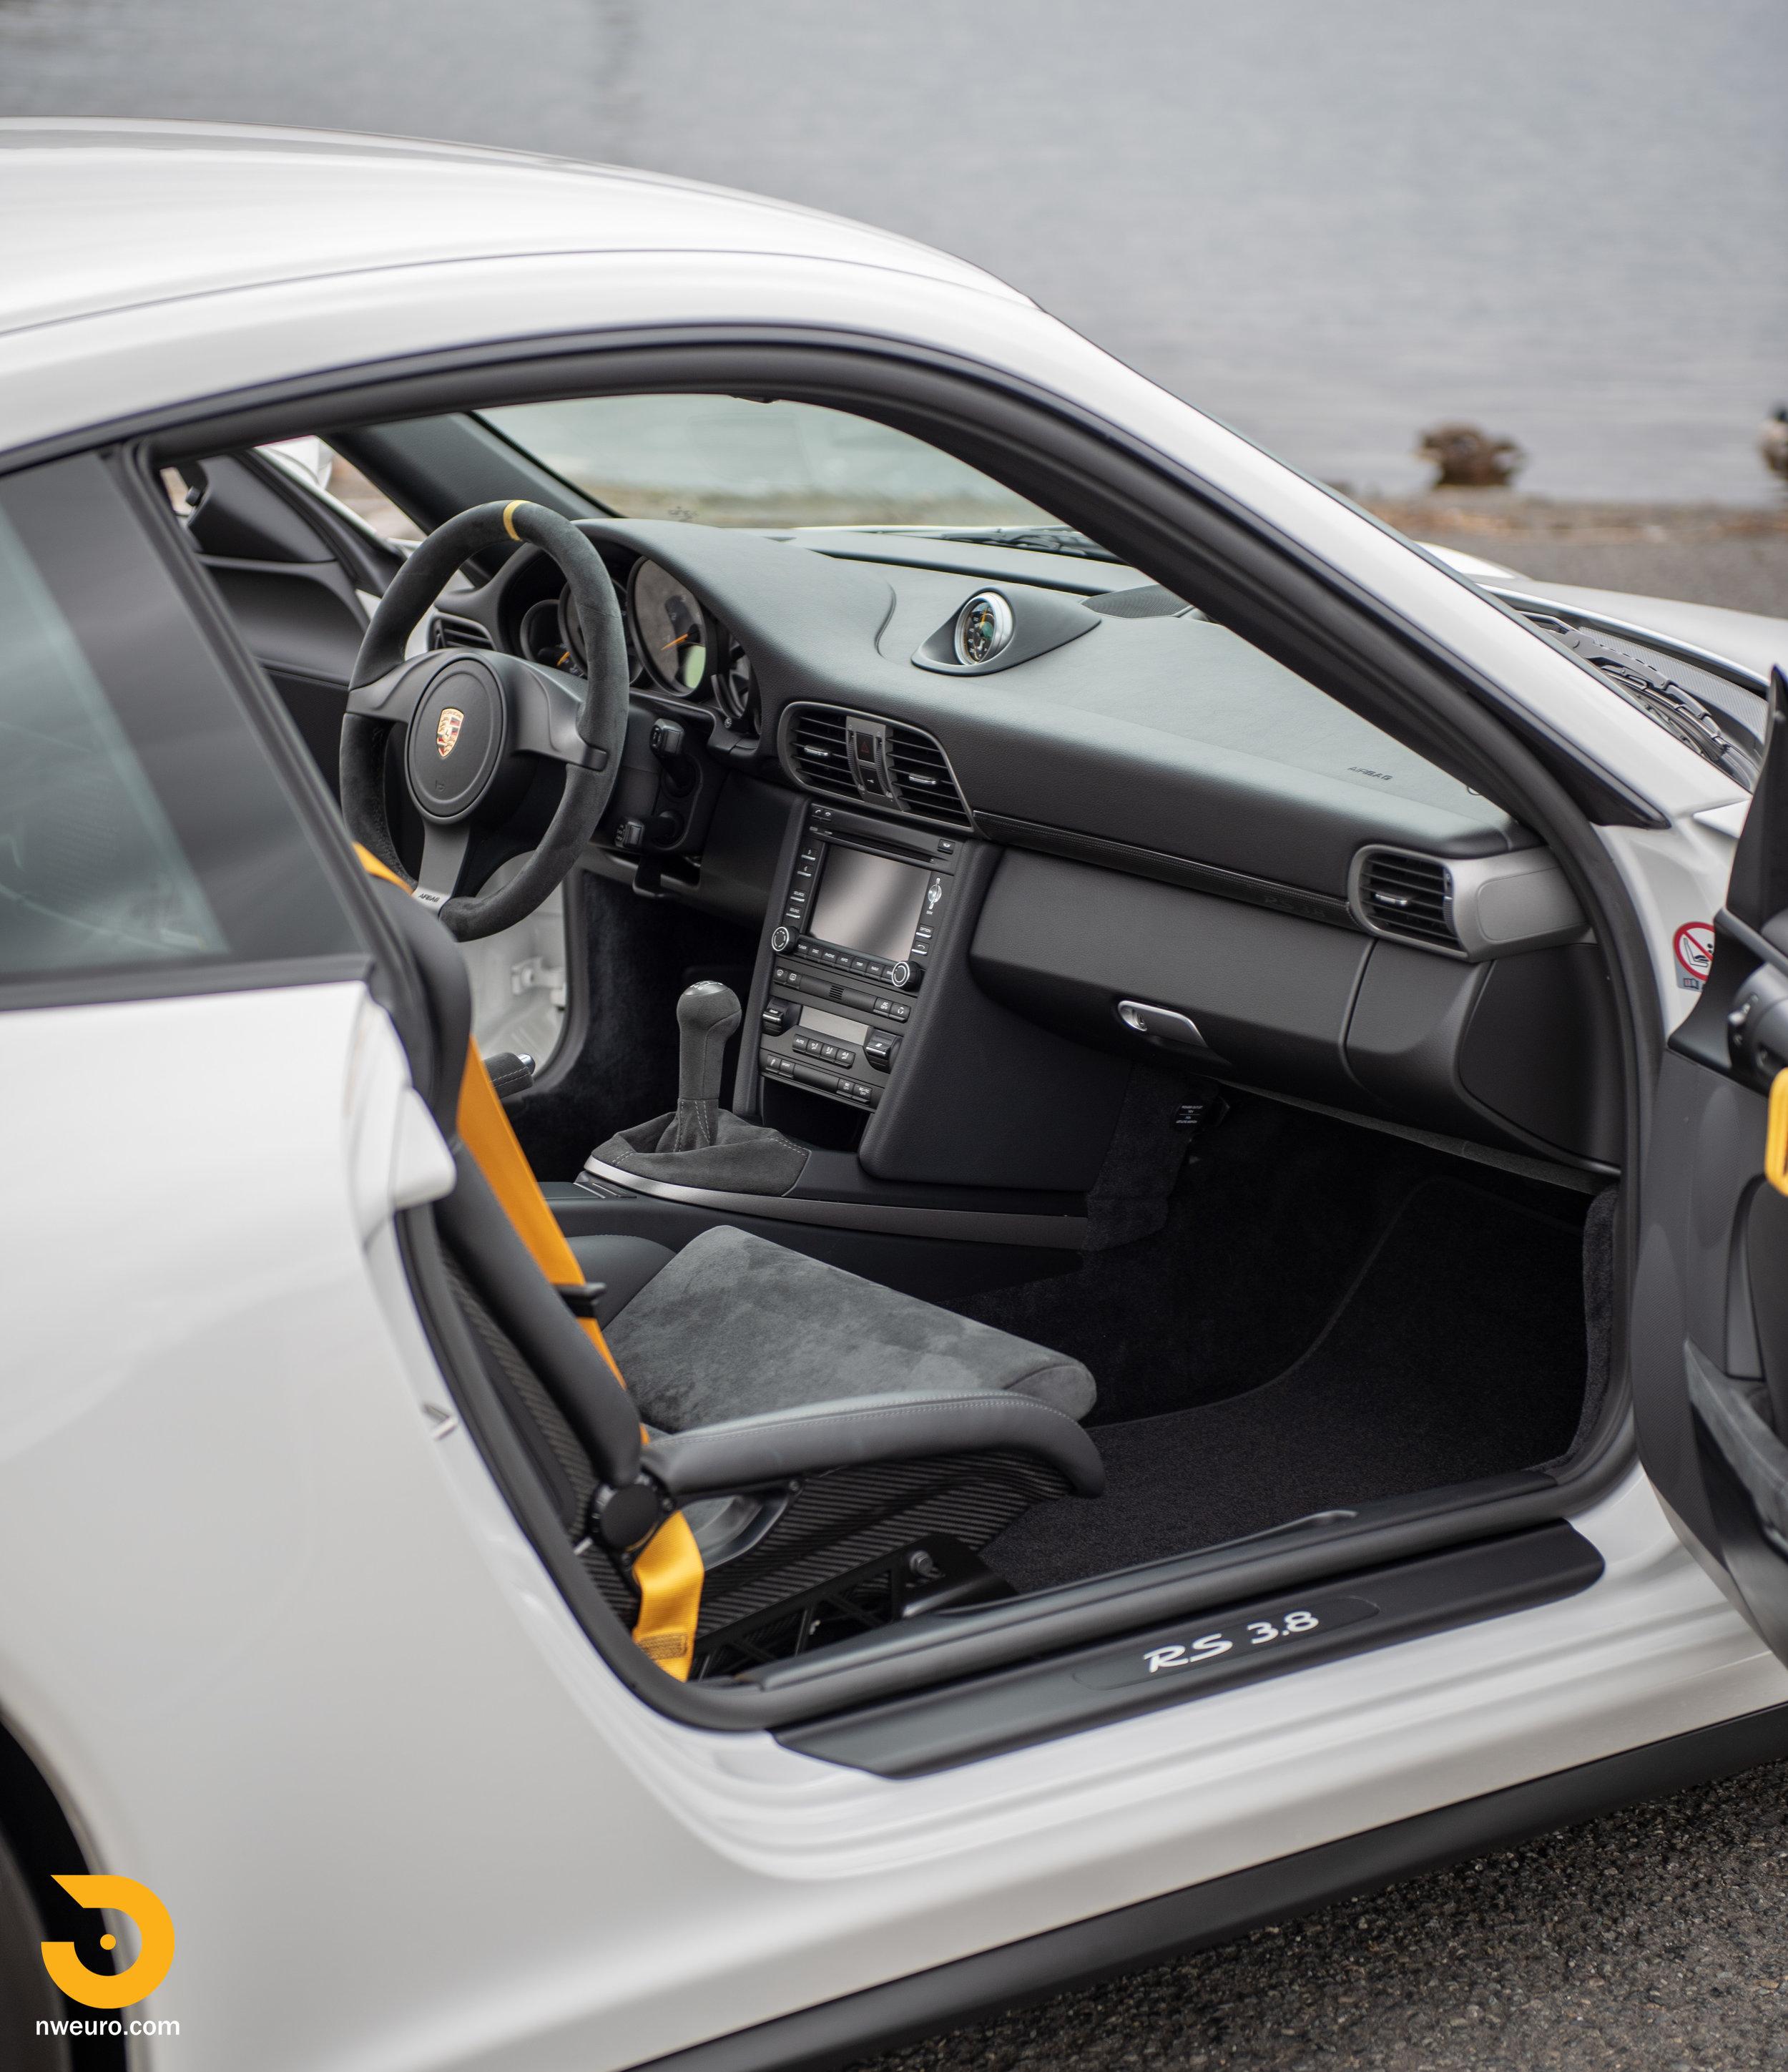 2011 Porsche GT3 RS-91.jpg